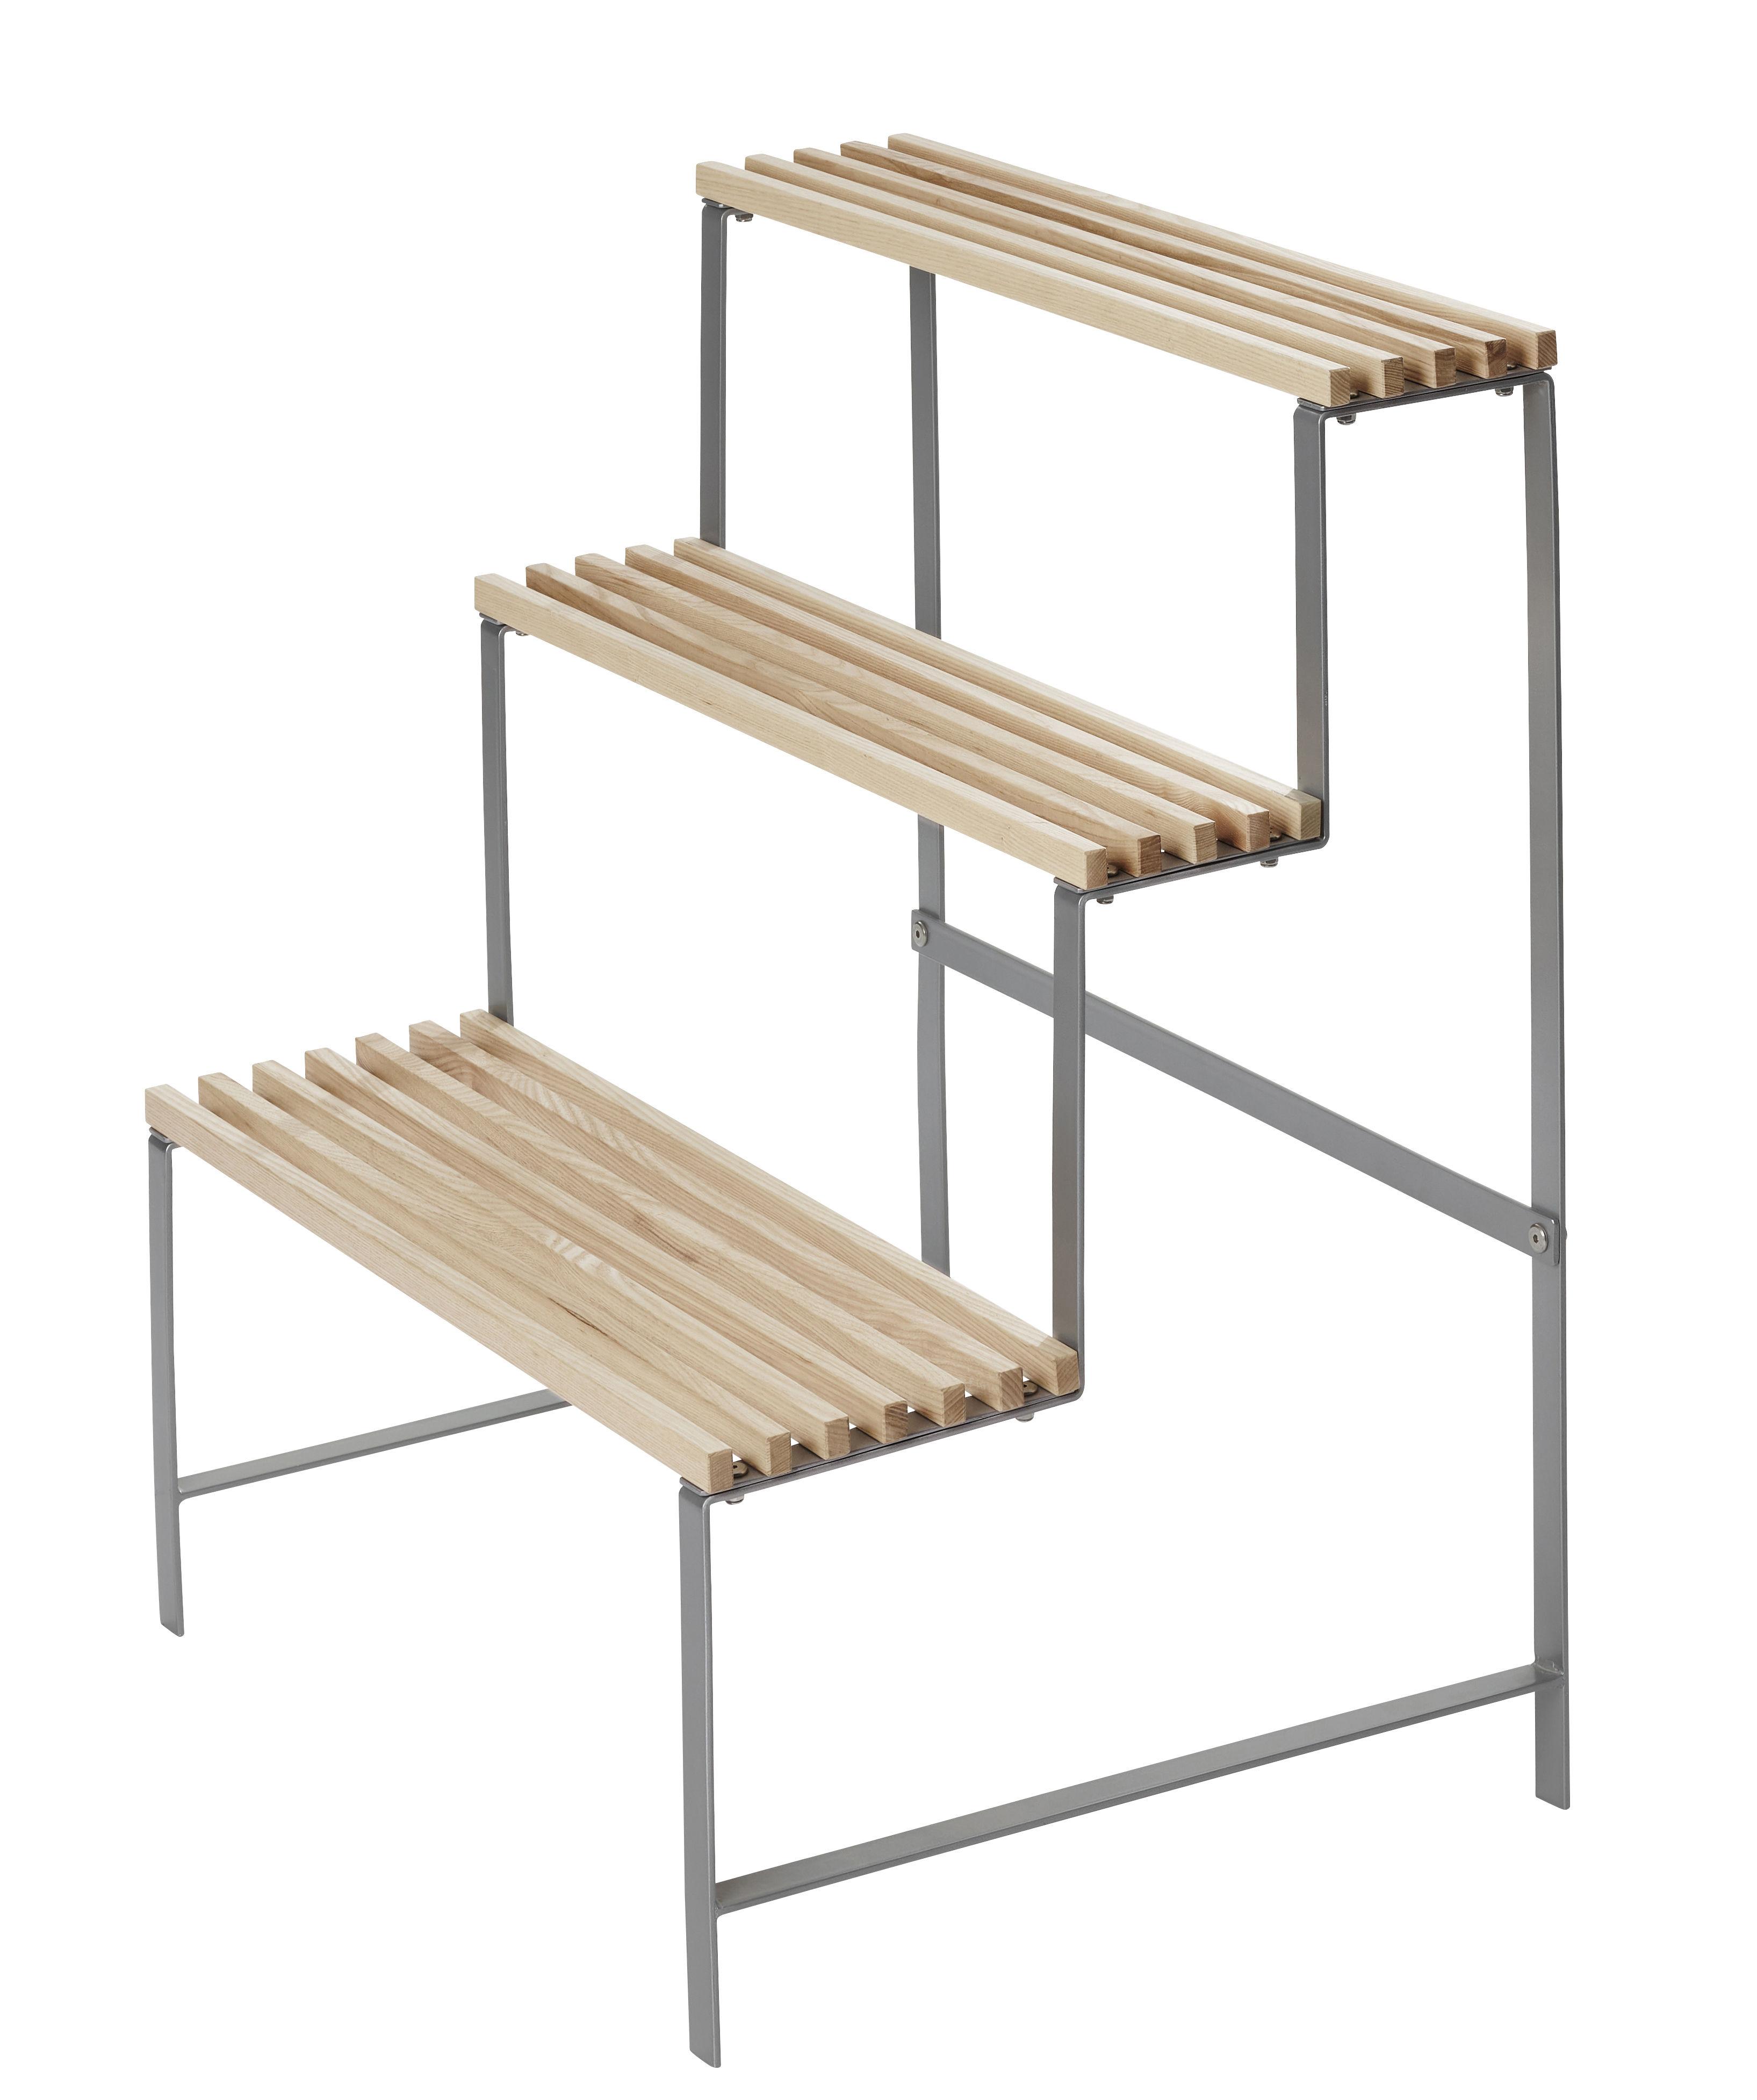 Furniture - Bookcases & Bookshelves - Flower Pot Stand Shelf by Design House Stockholm - Ash - Natural solid ash, Steel